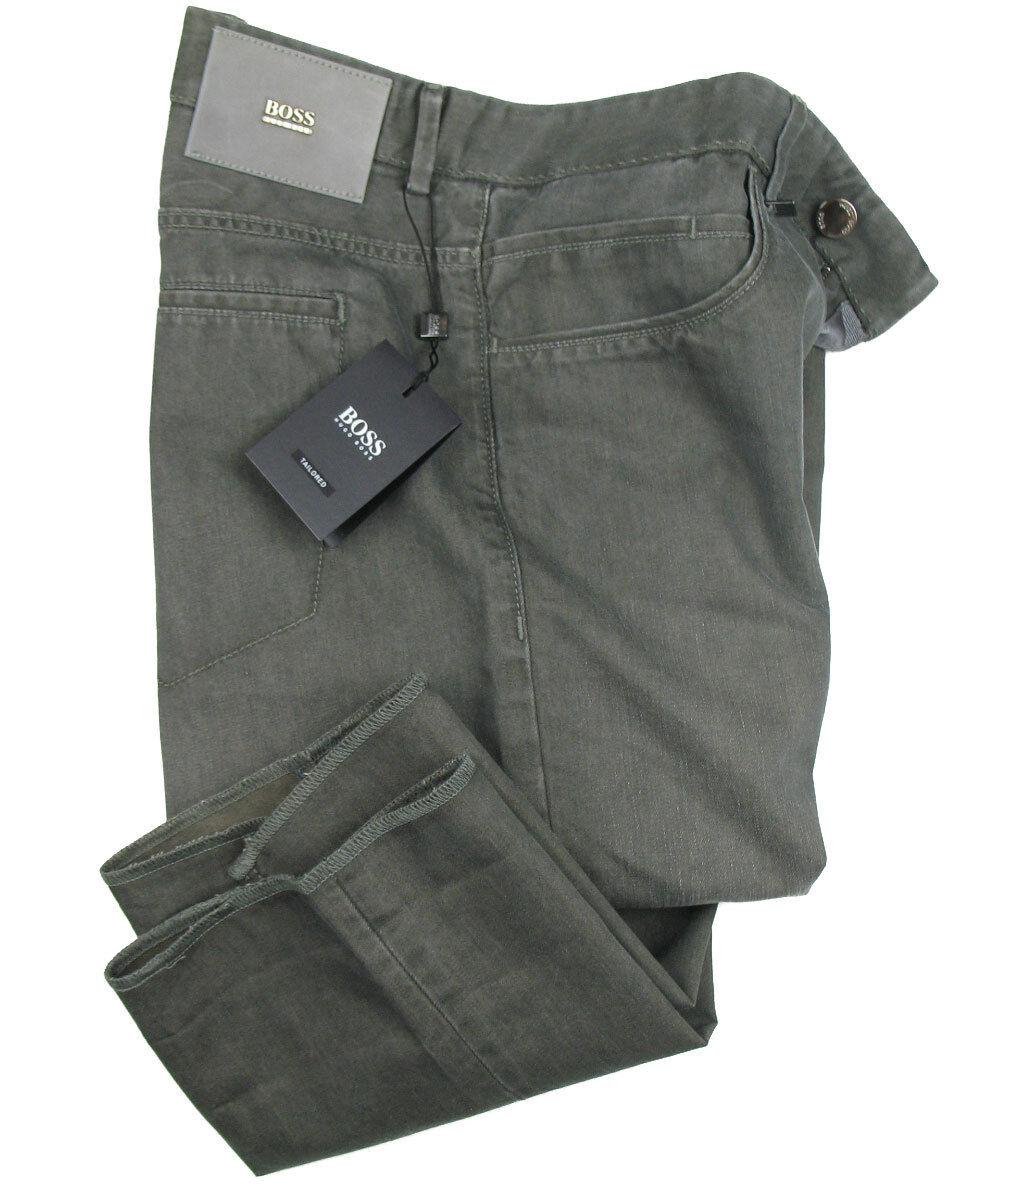 BOSS TAILGoldt Jeans TRUMAN in W33 L34 ( Regular Fit ) dunkelbeige 40% SEIDE